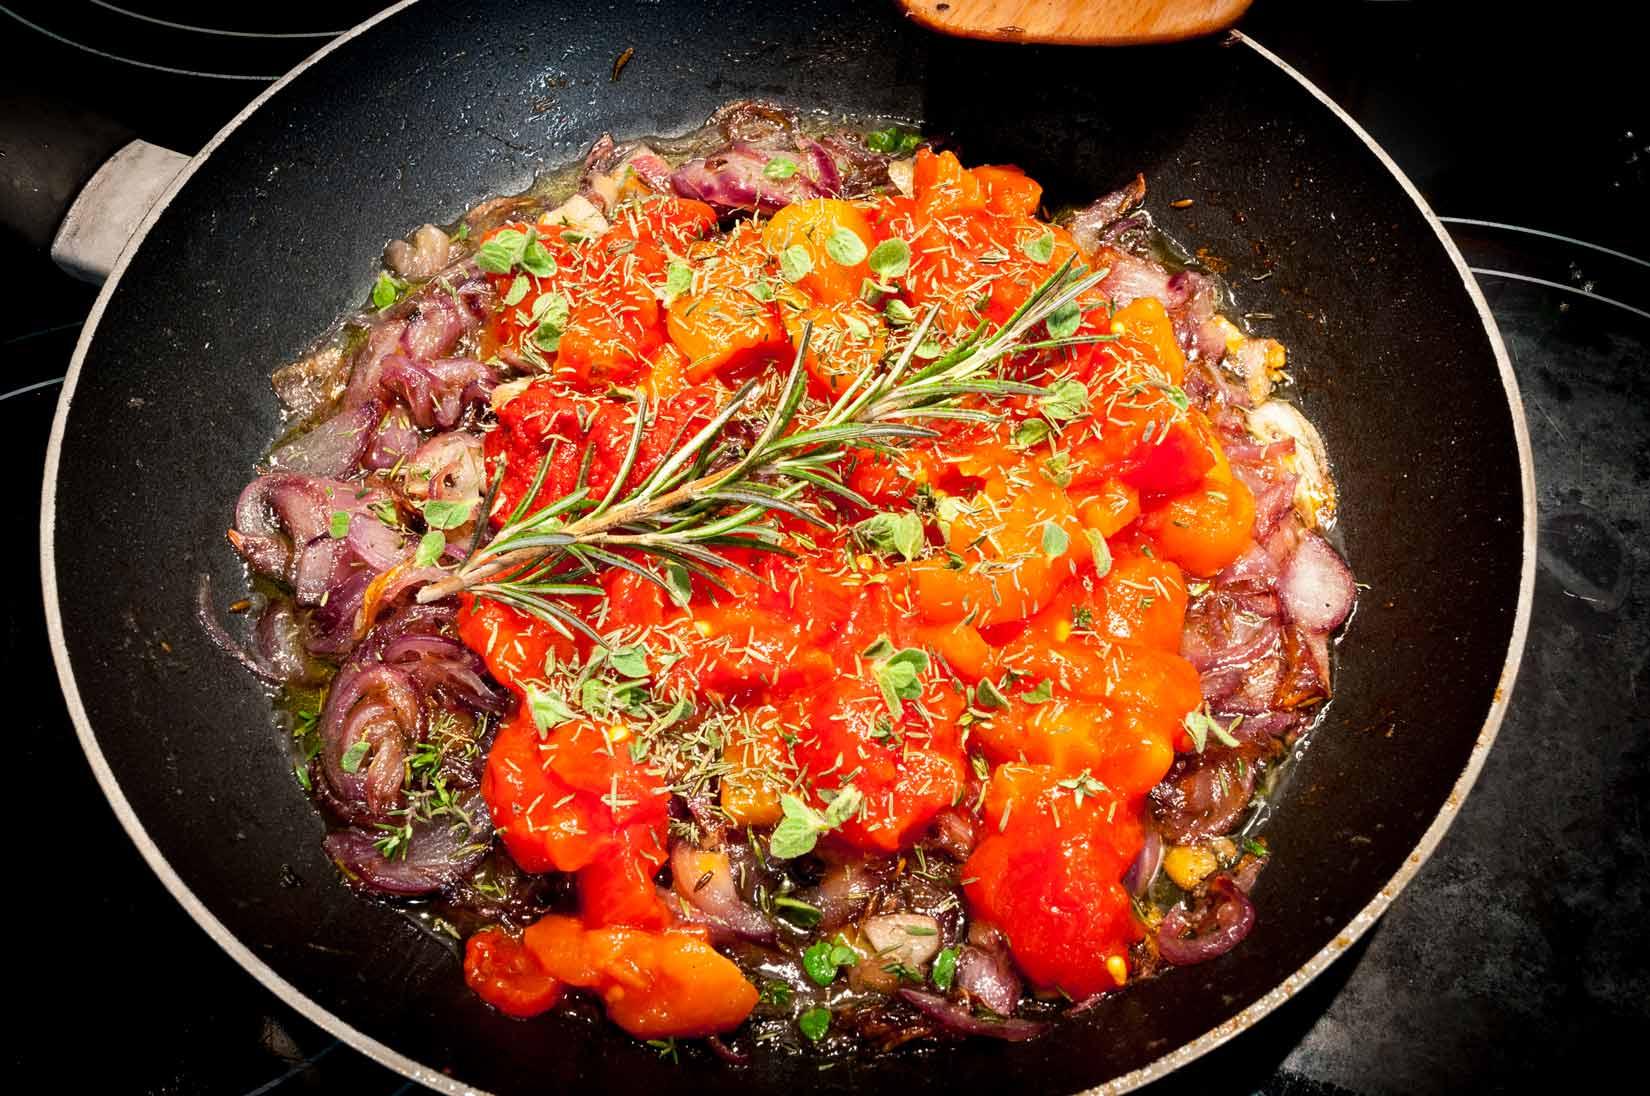 ...rajčata a všechno koření, necháme prohřát.